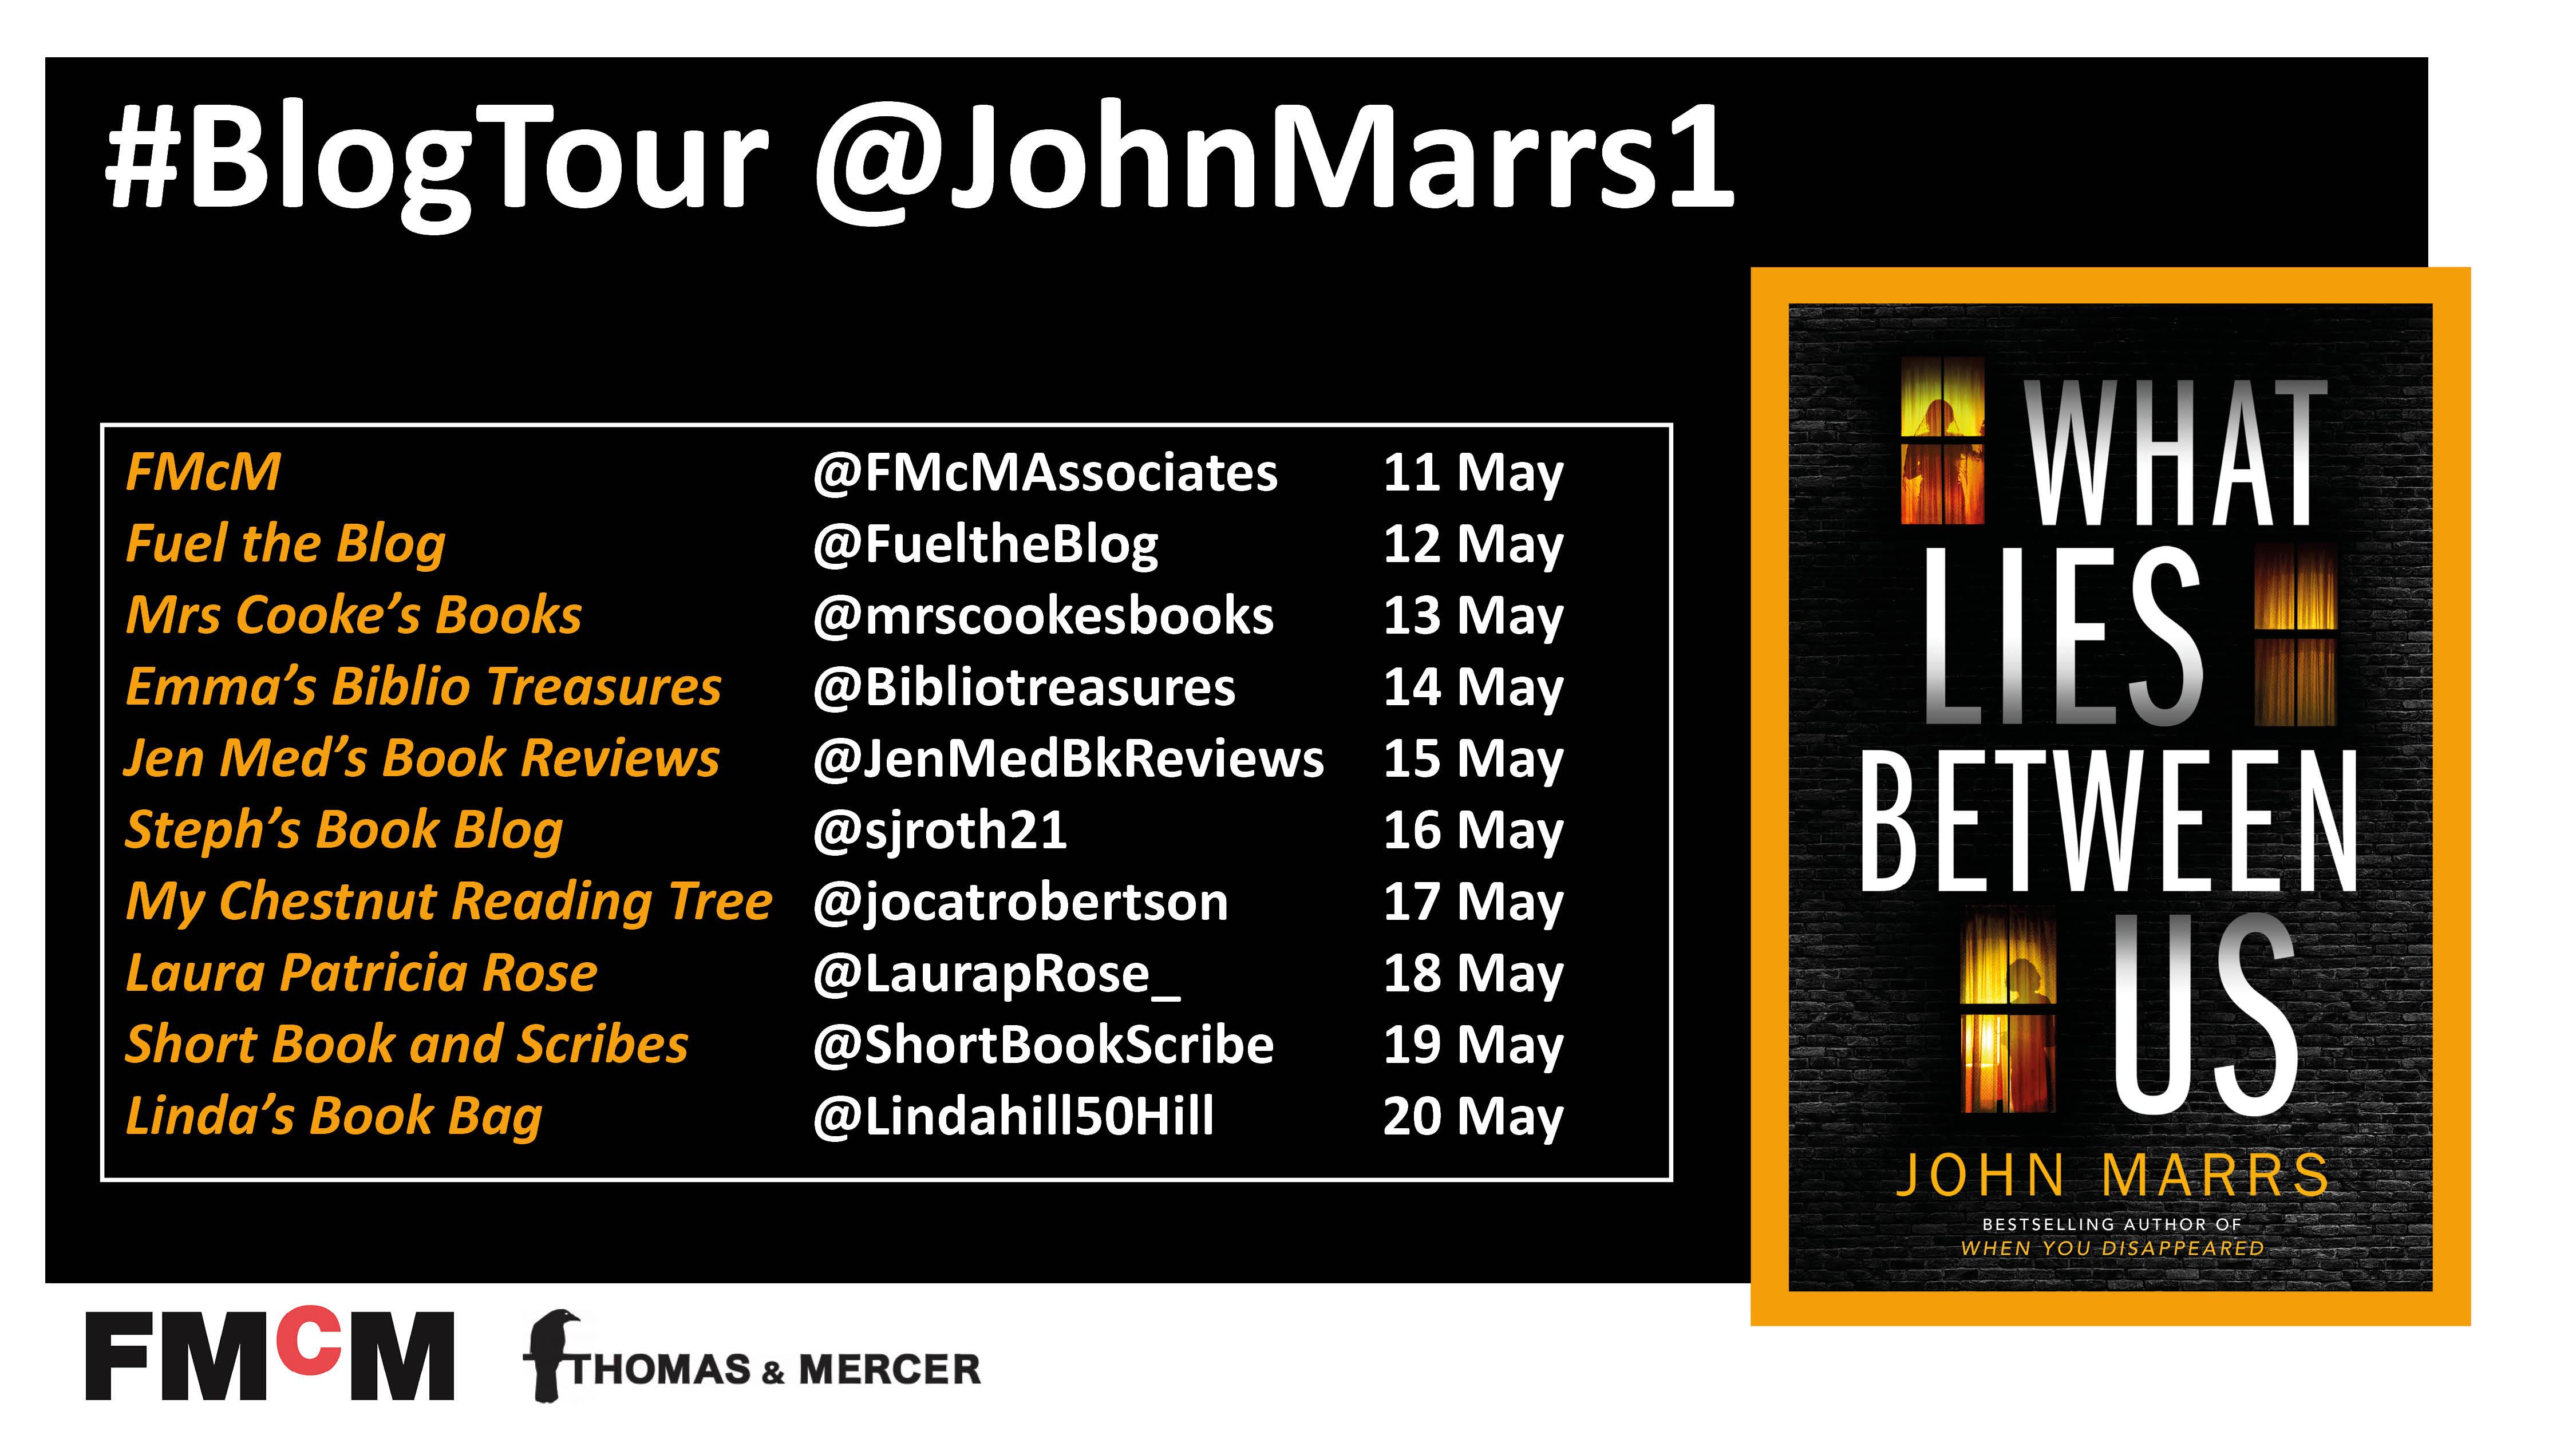 John Marrs Blog Tour Final